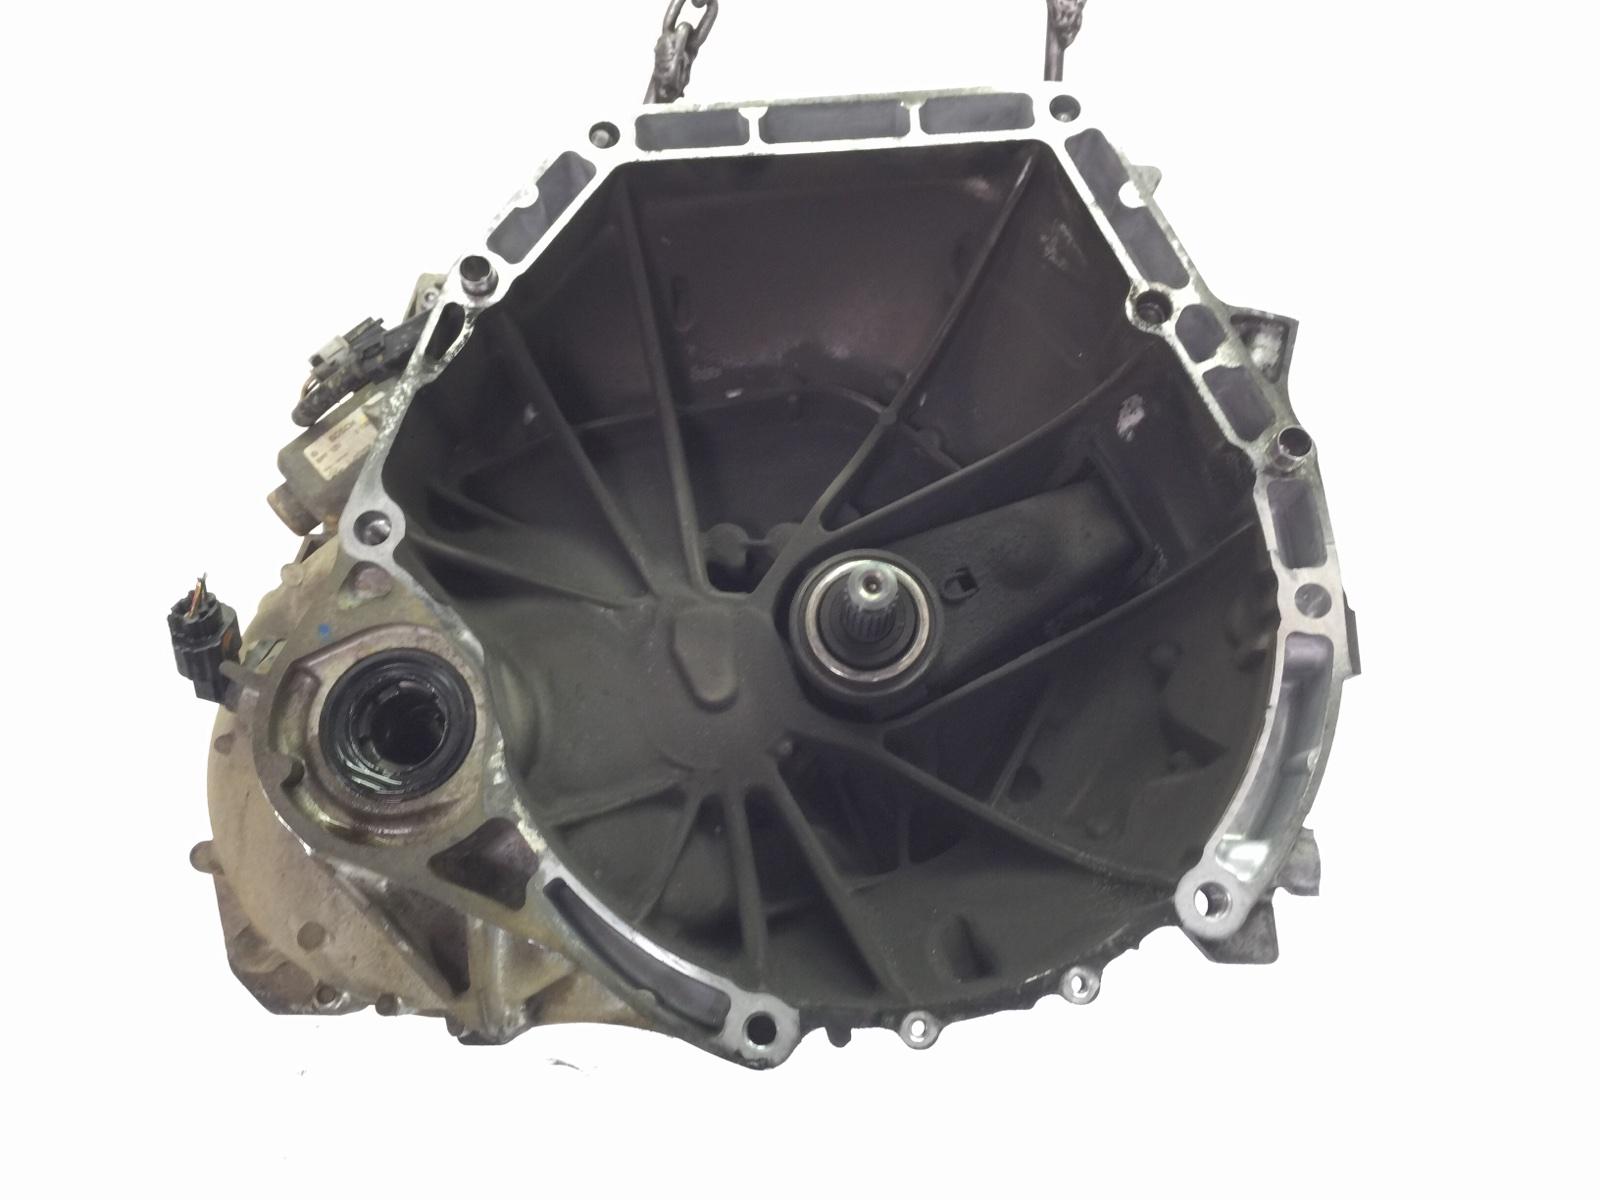 Кпп роботизированная Honda Civic 1.8 I 2006 (б/у)